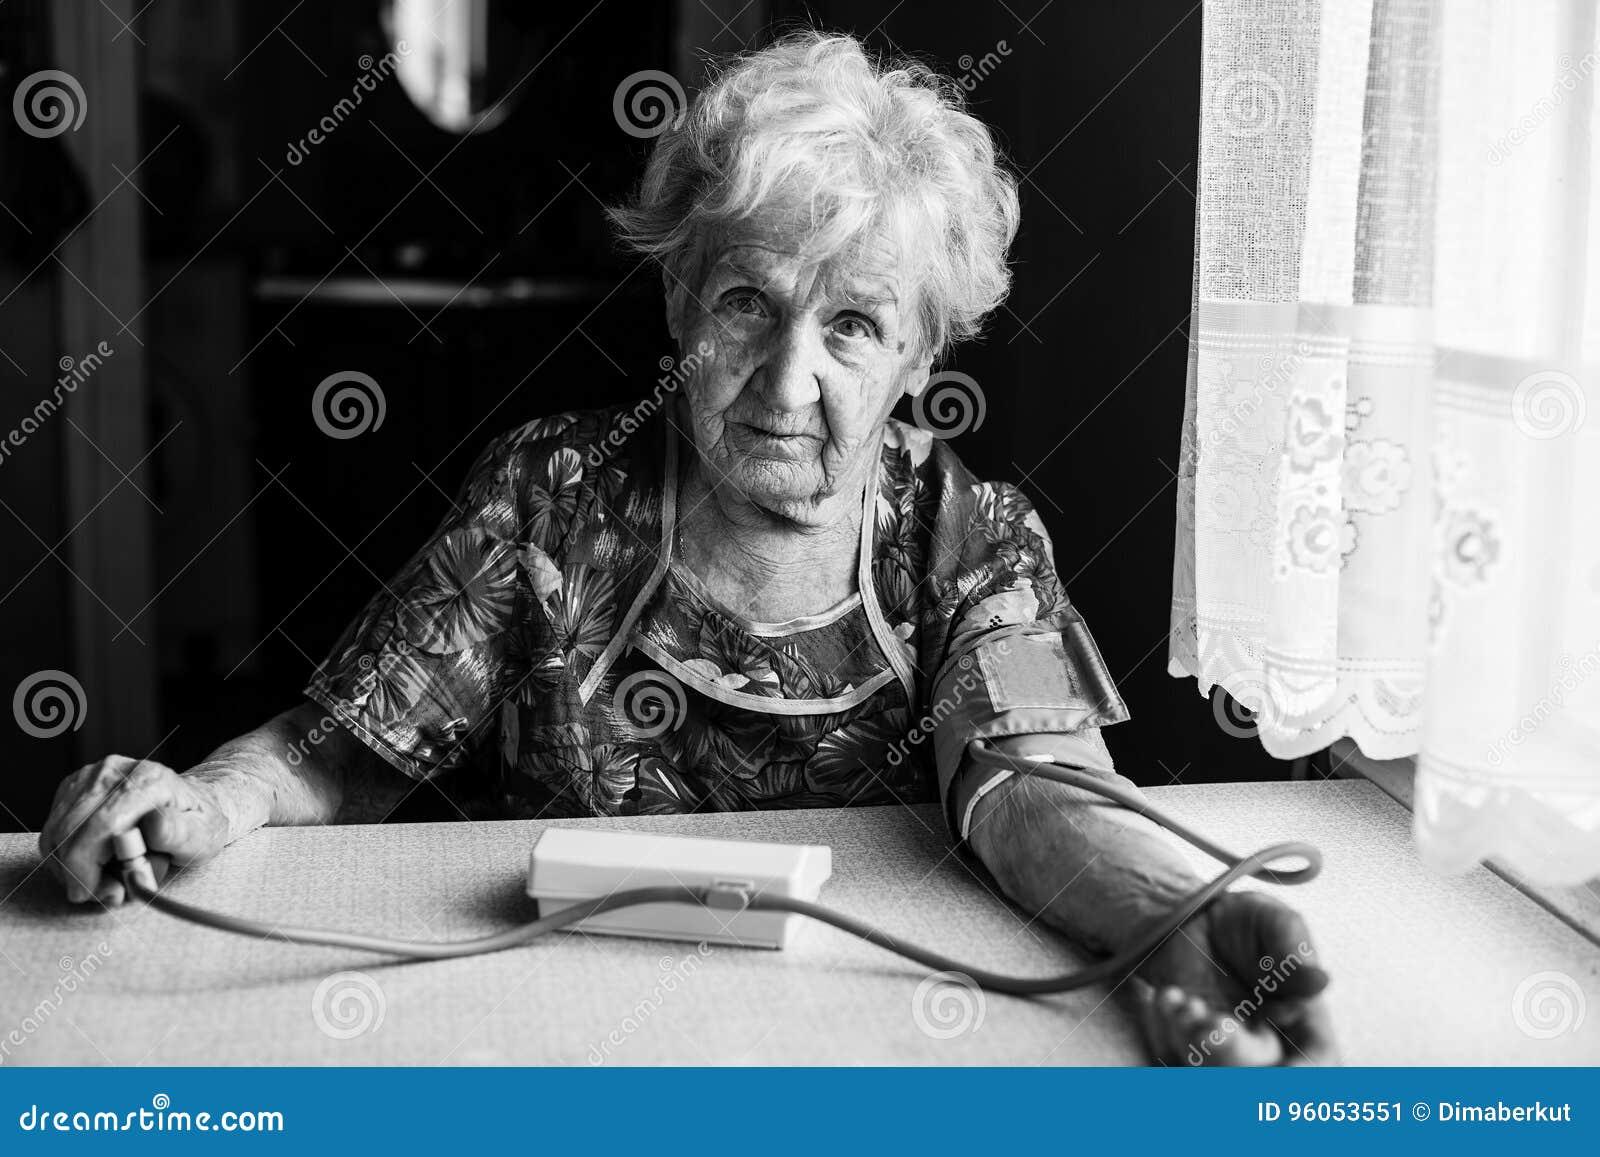 Le retraité de femme agée mesure la tension artérielle elle-même